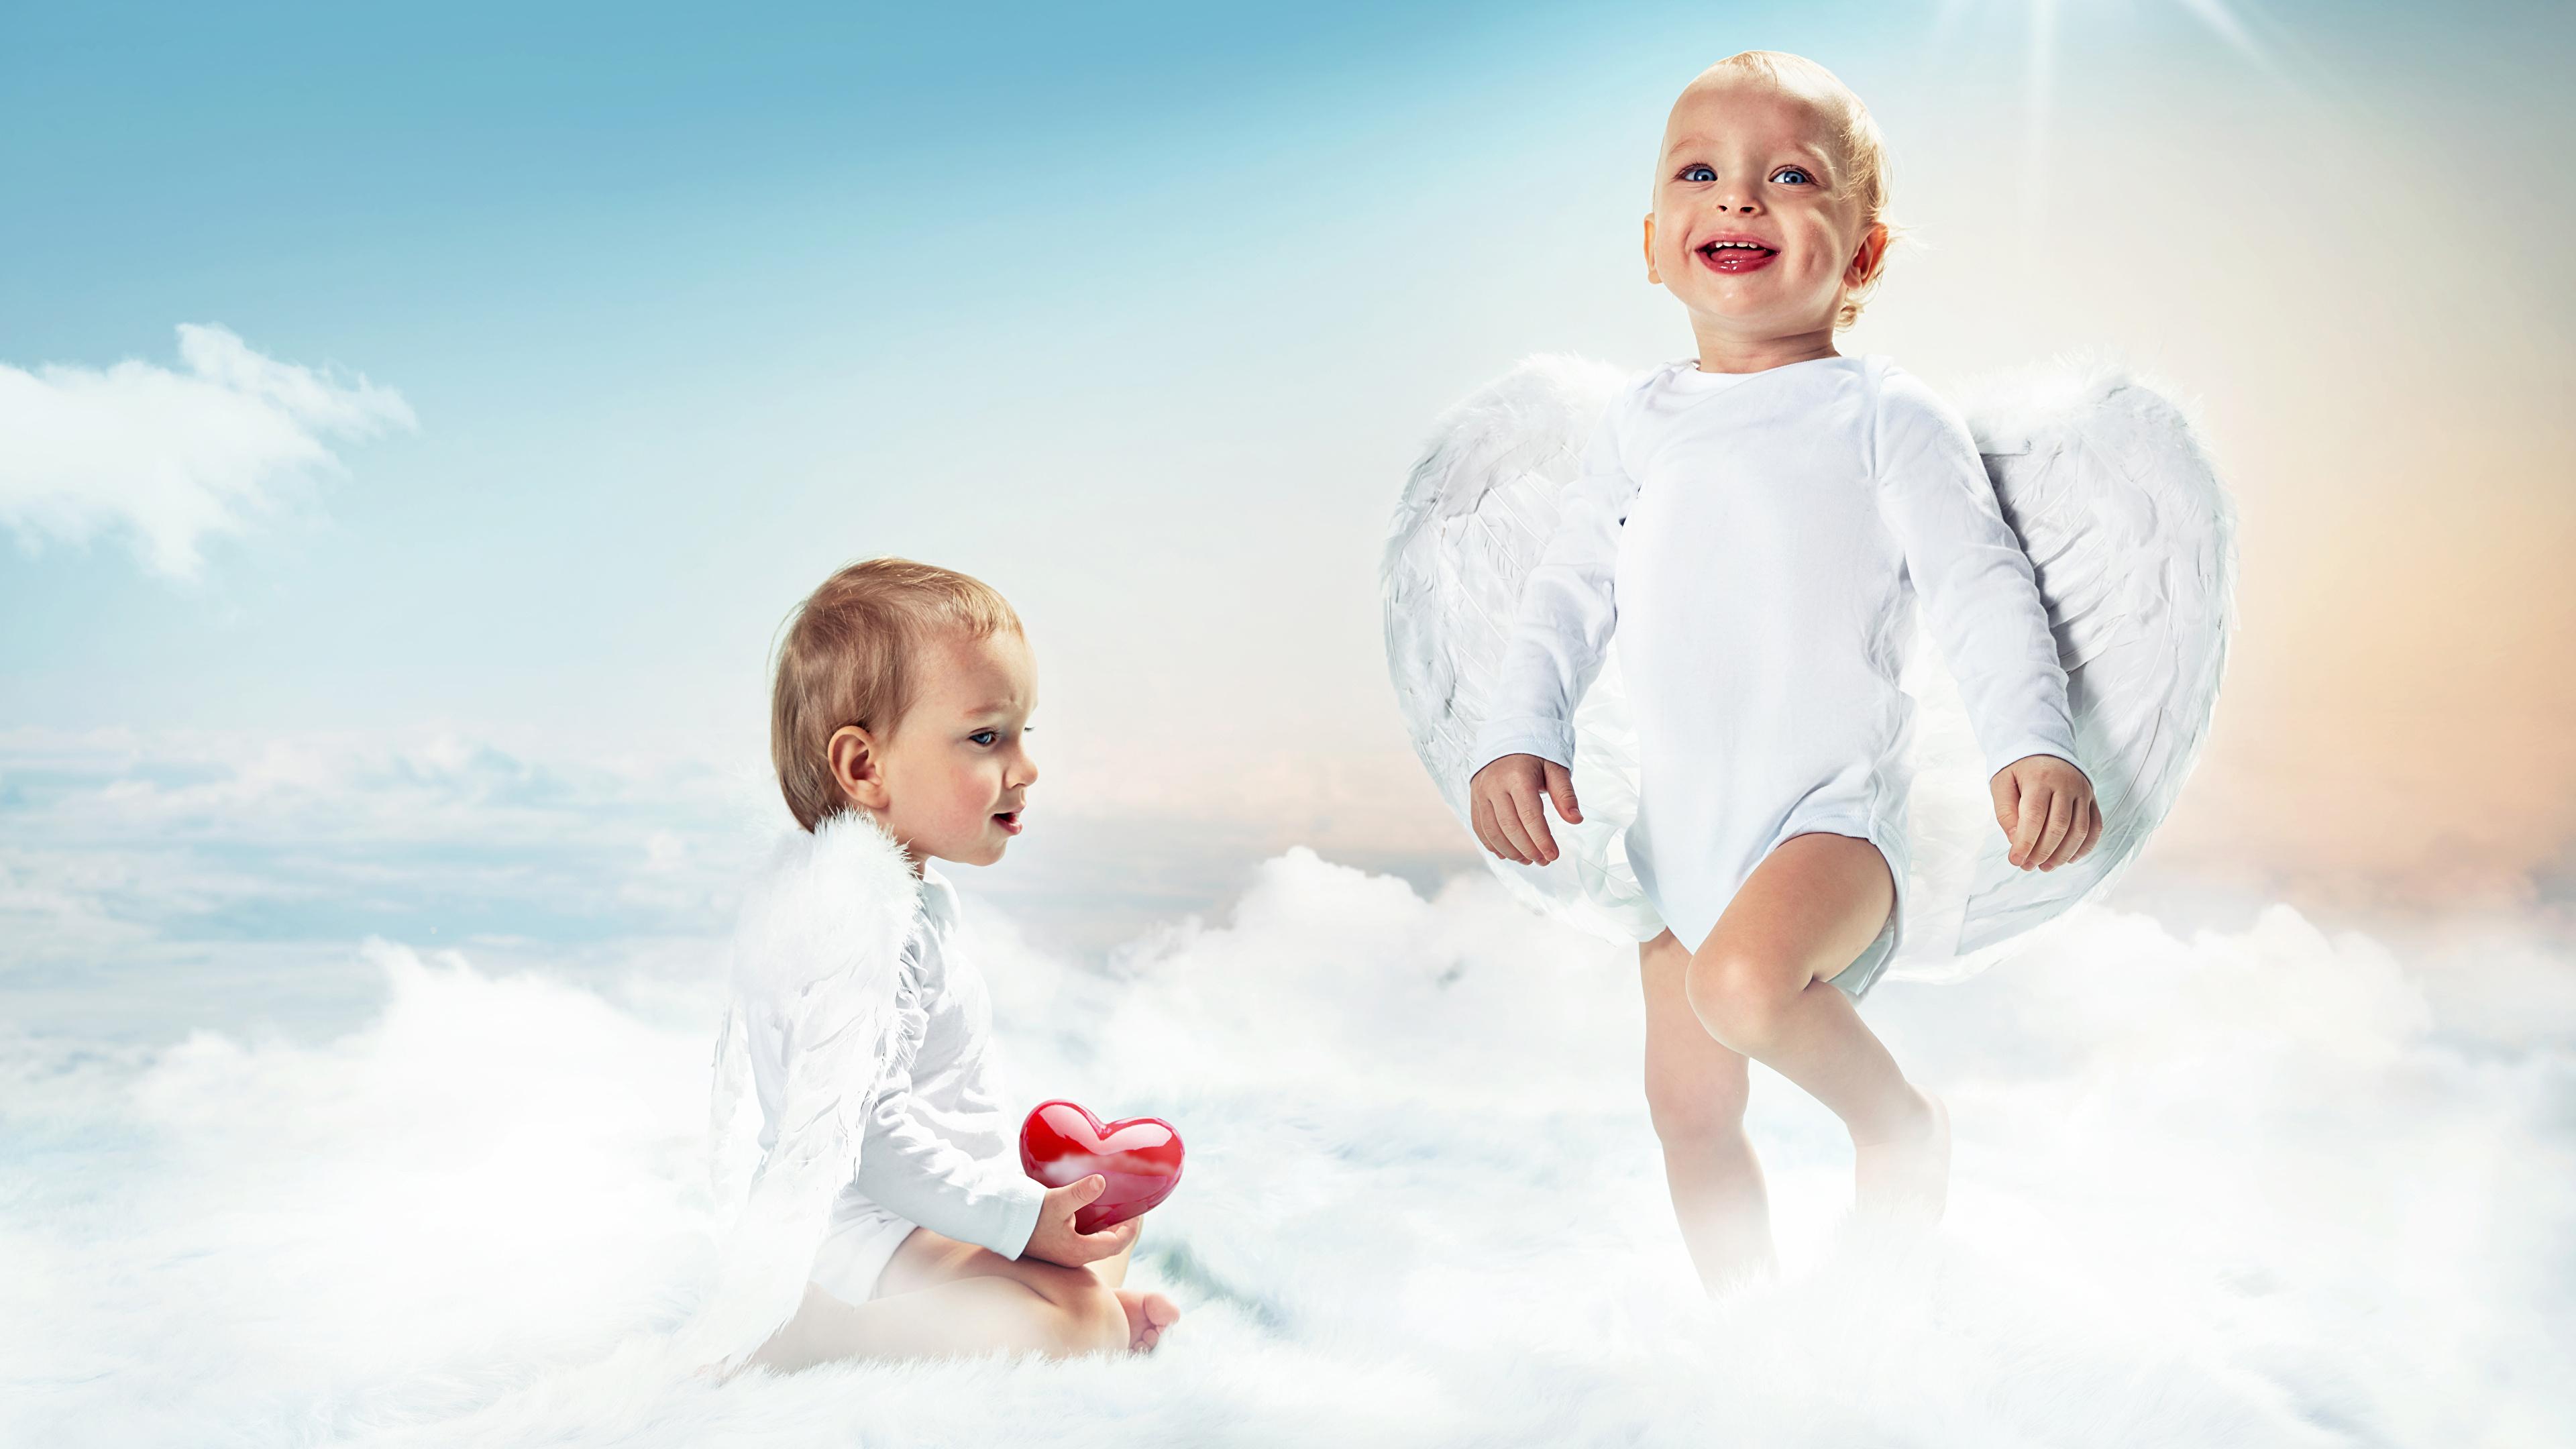 Картинки грудной ребёнок Сердце улыбается Крылья ребёнок 2 Ангелы 3840x2160 младенца младенец Младенцы серце сердца Улыбка сердечко Дети две два Двое вдвоем ангел